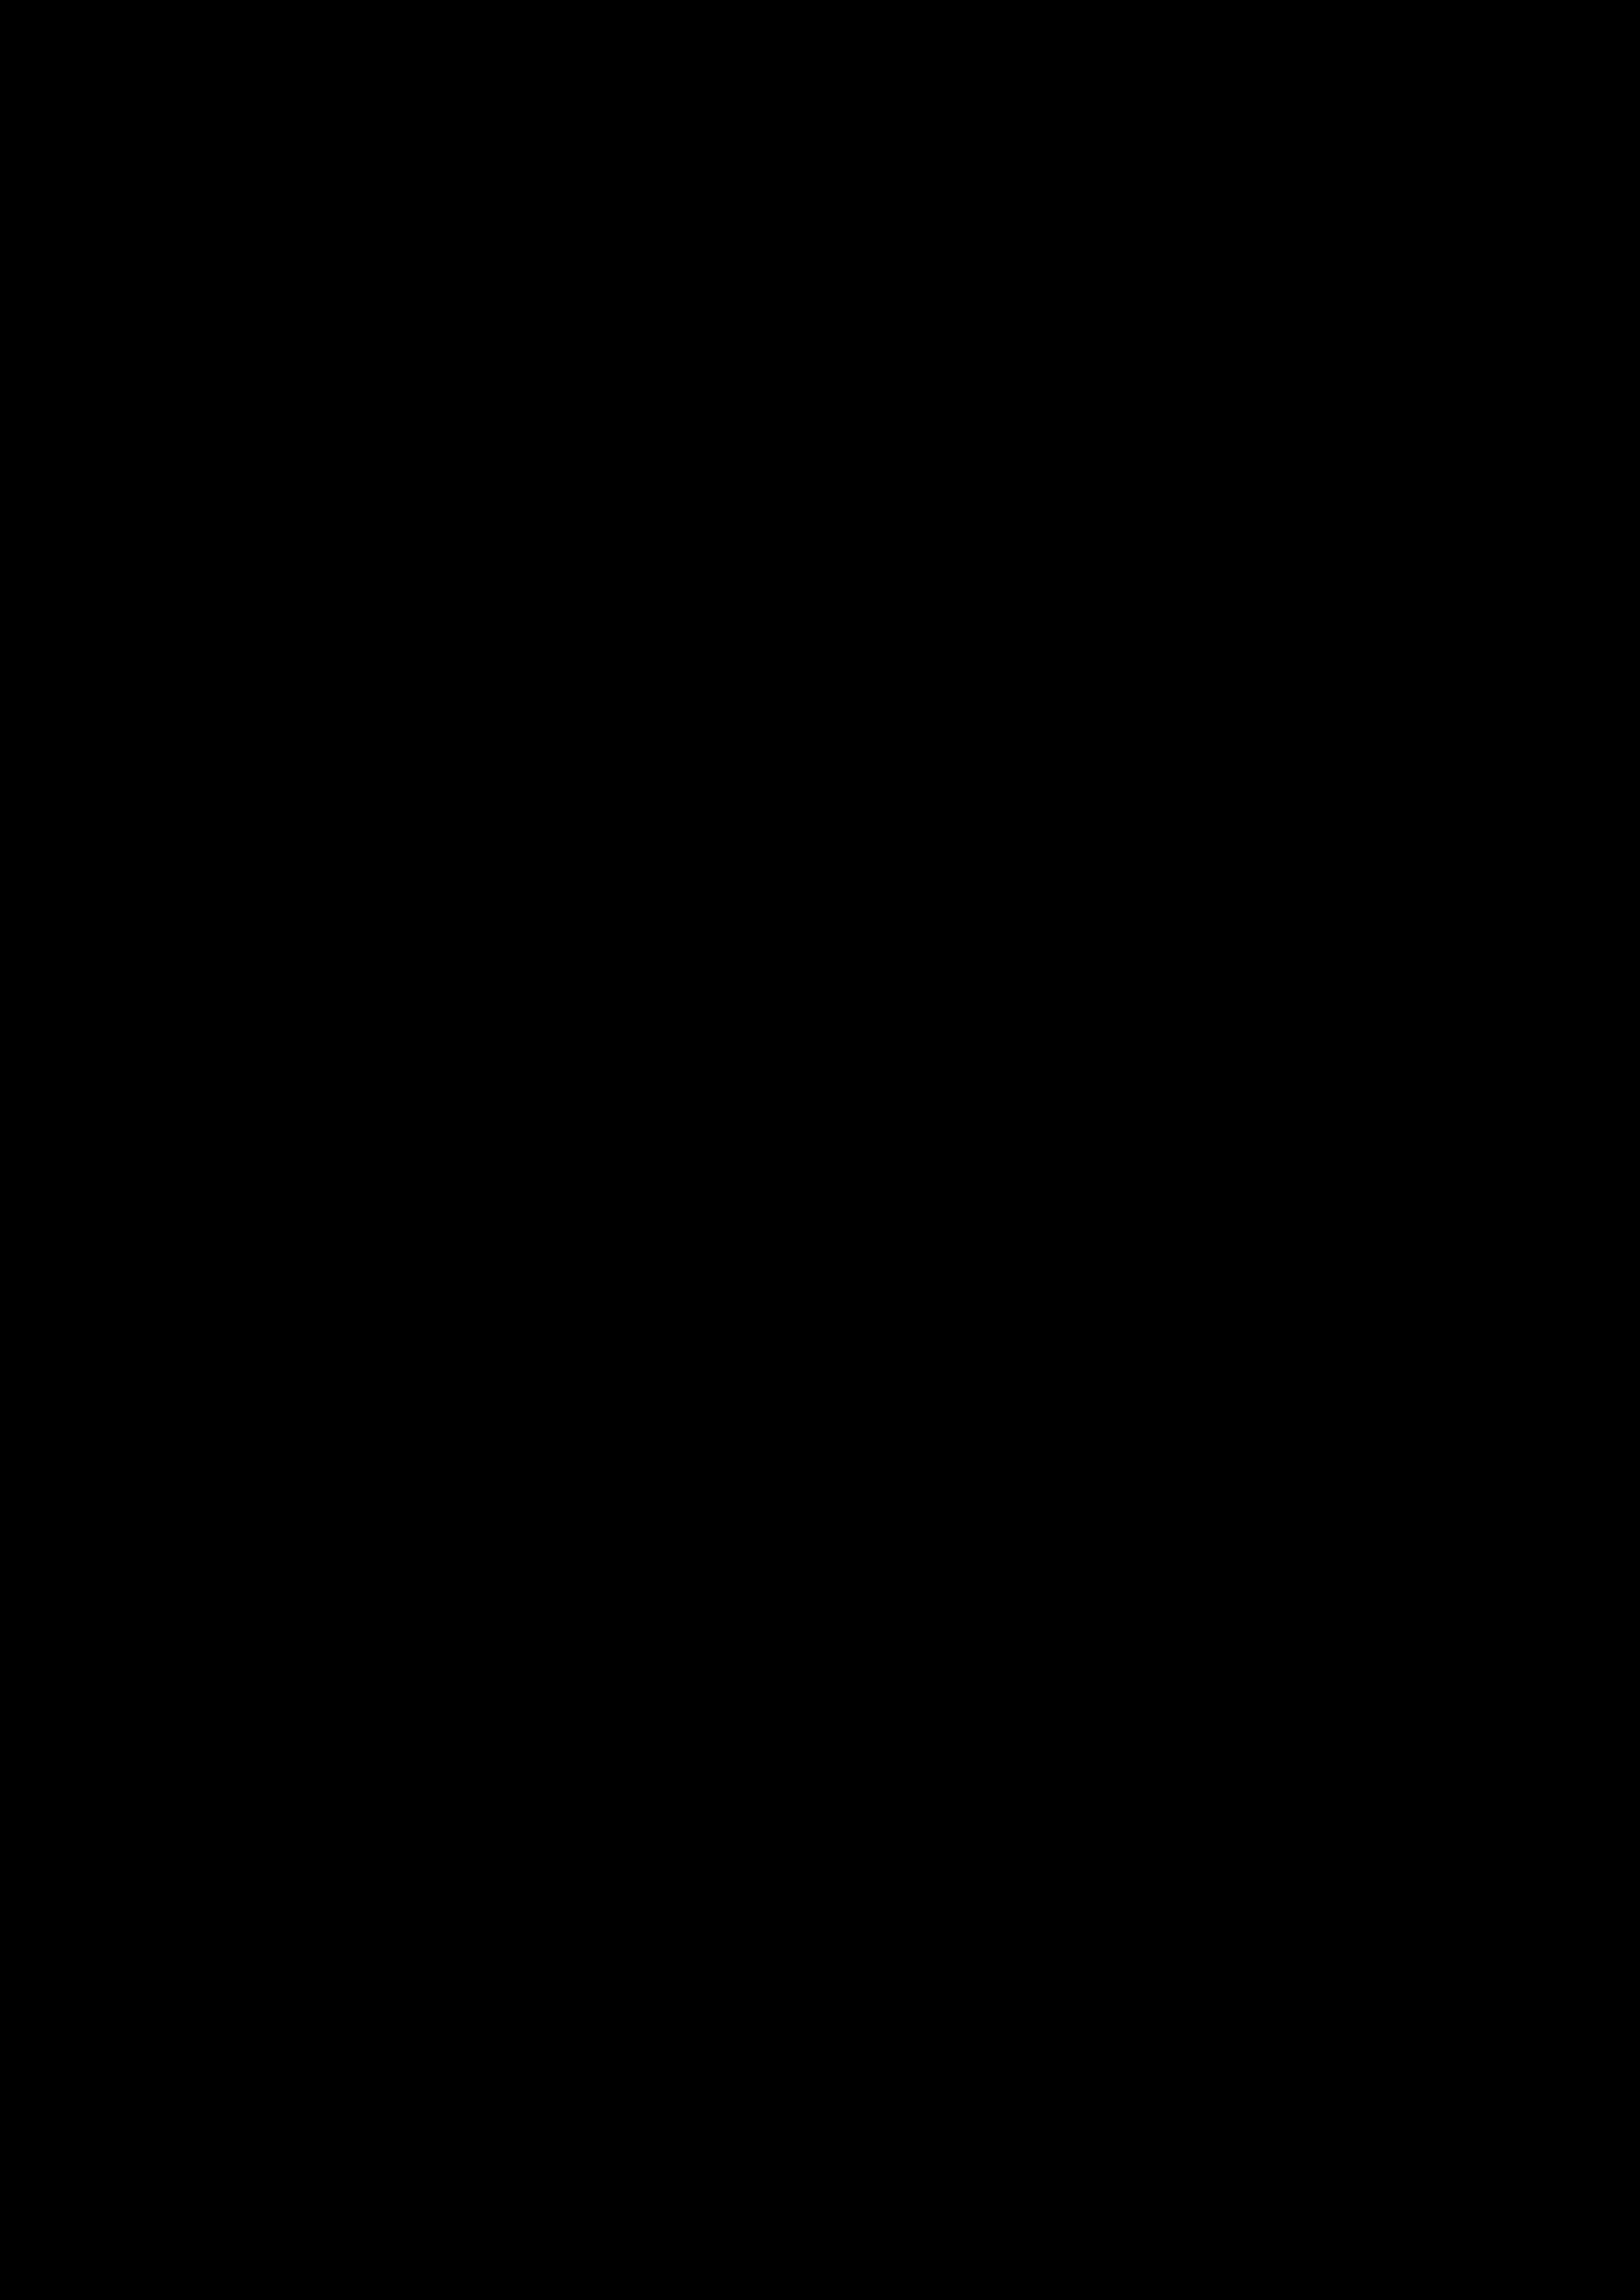 2021 후기 외국인전형 포스터(최종)